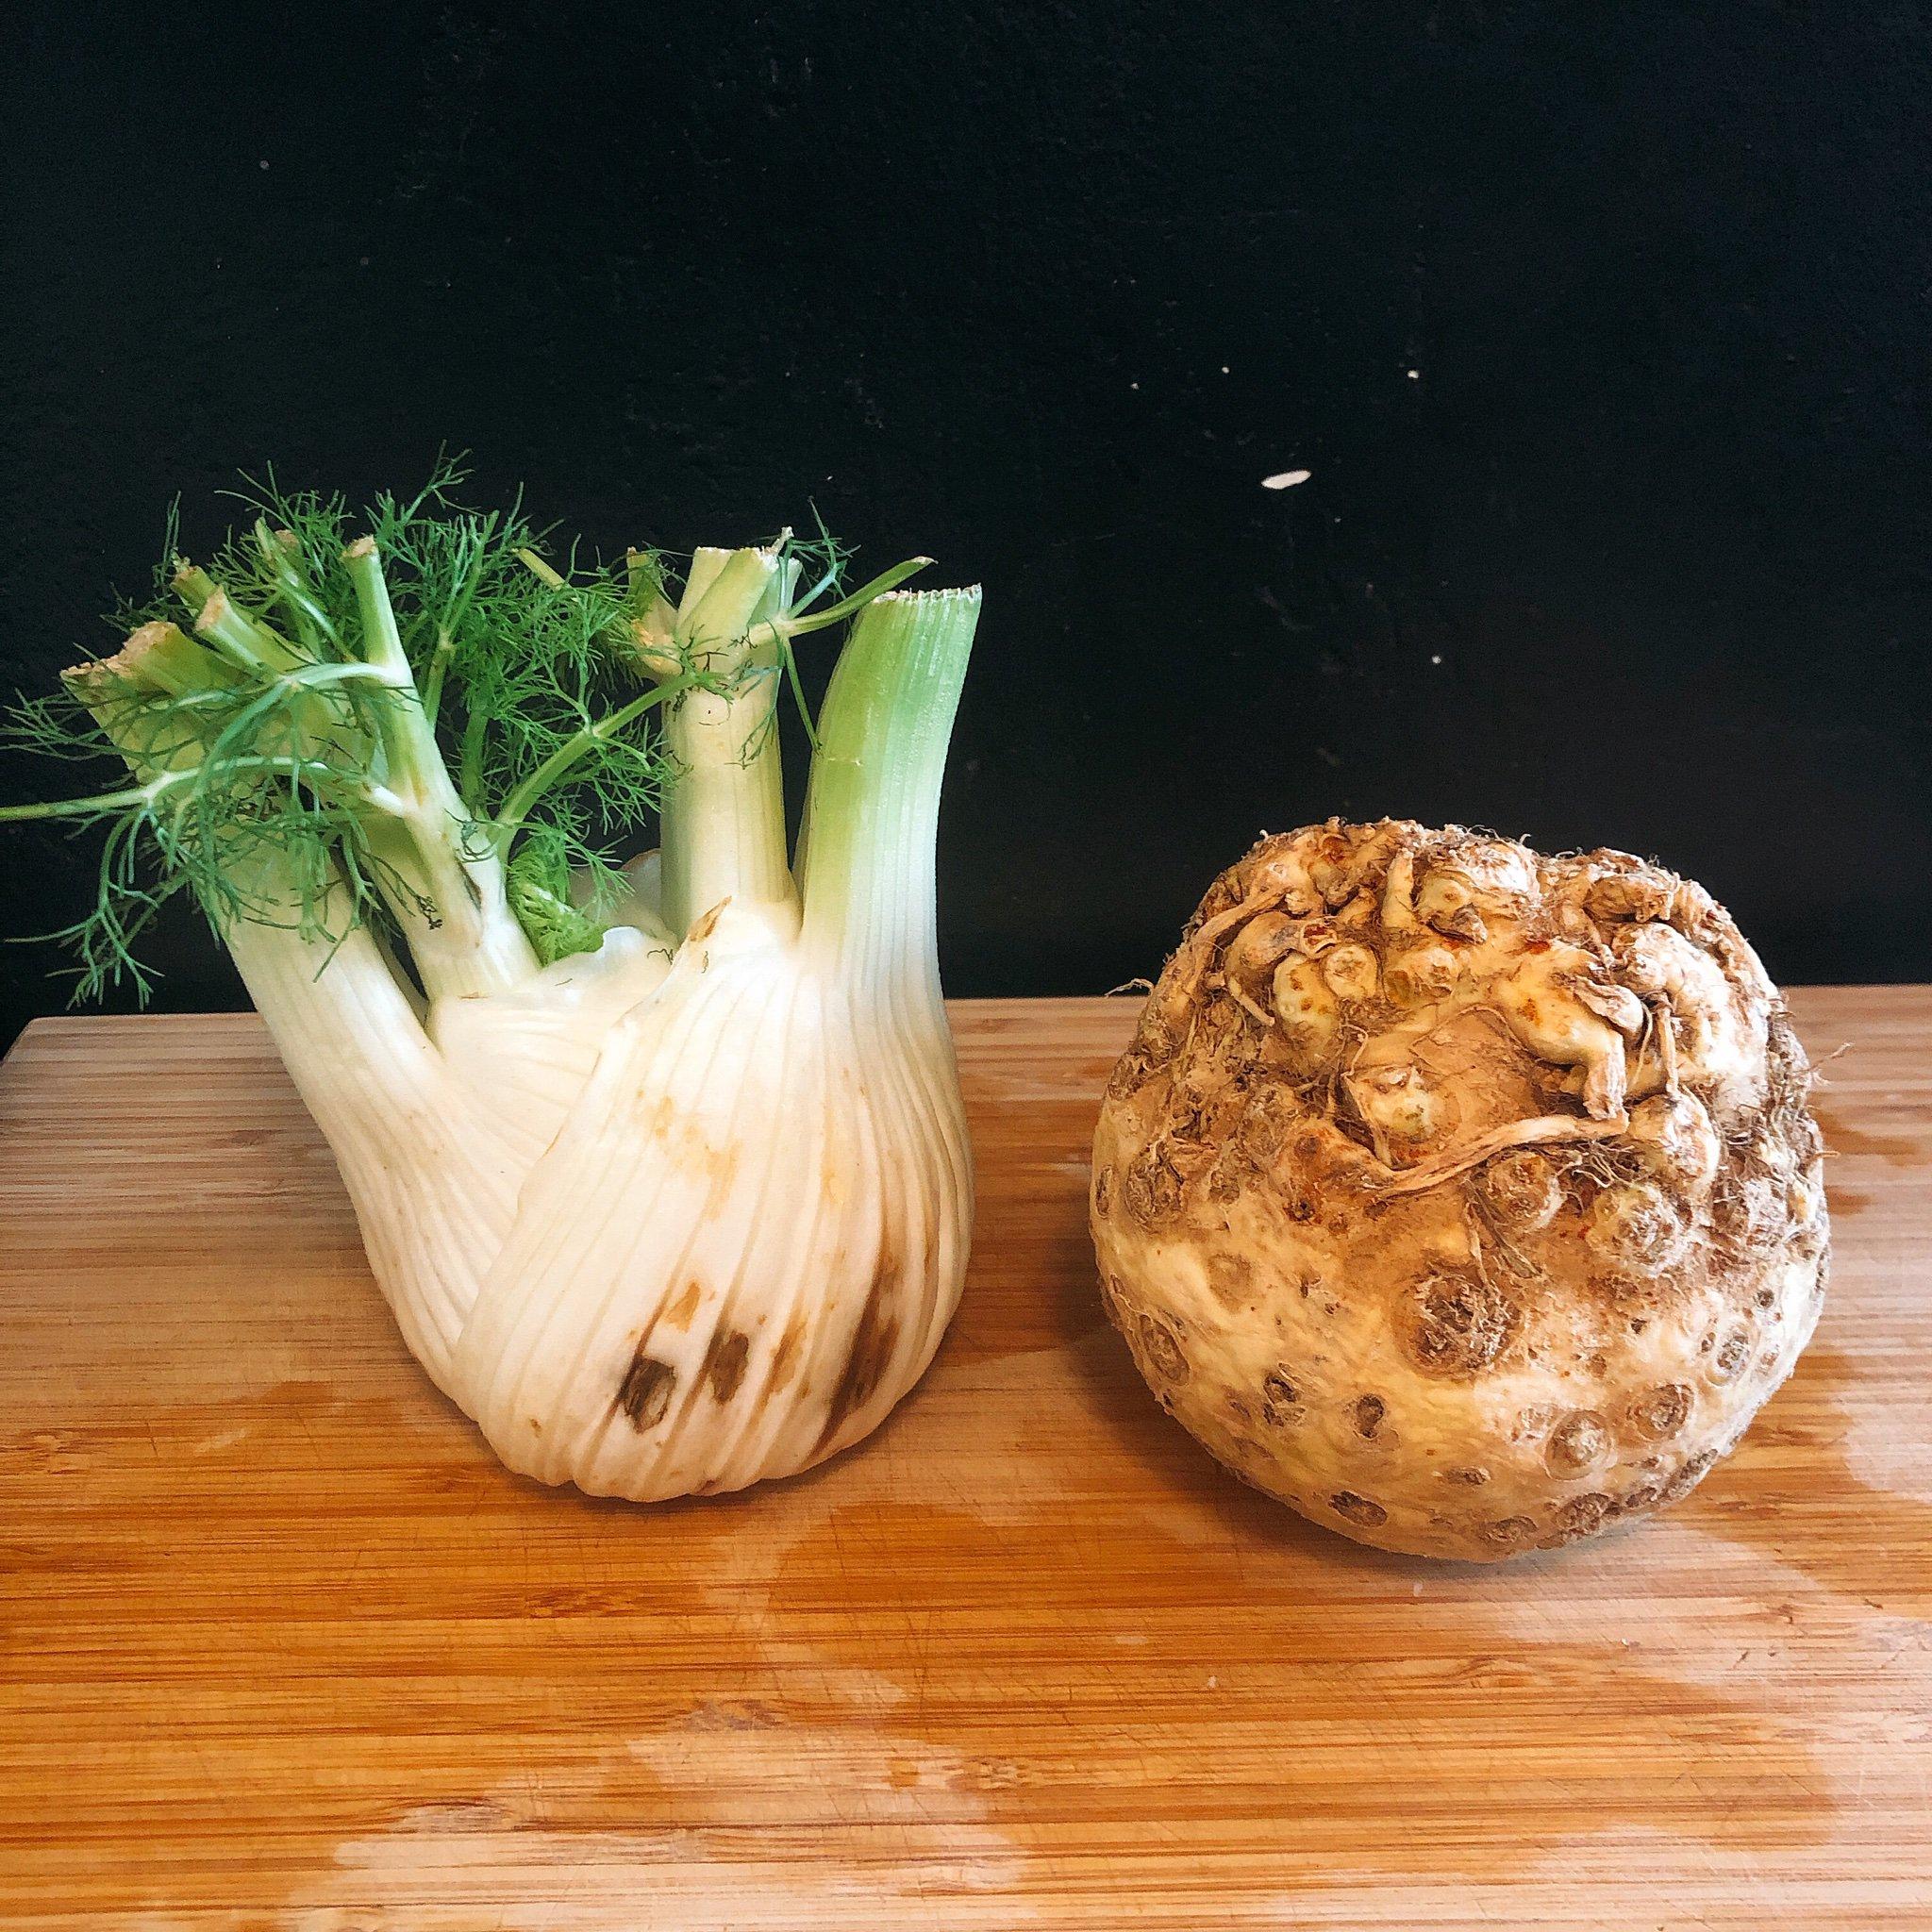 同居人が「冷蔵庫に残してった野菜、食べといて!」て言い残して置いていった野菜、難易度高すぎて名称すら分からず途方にくれてる